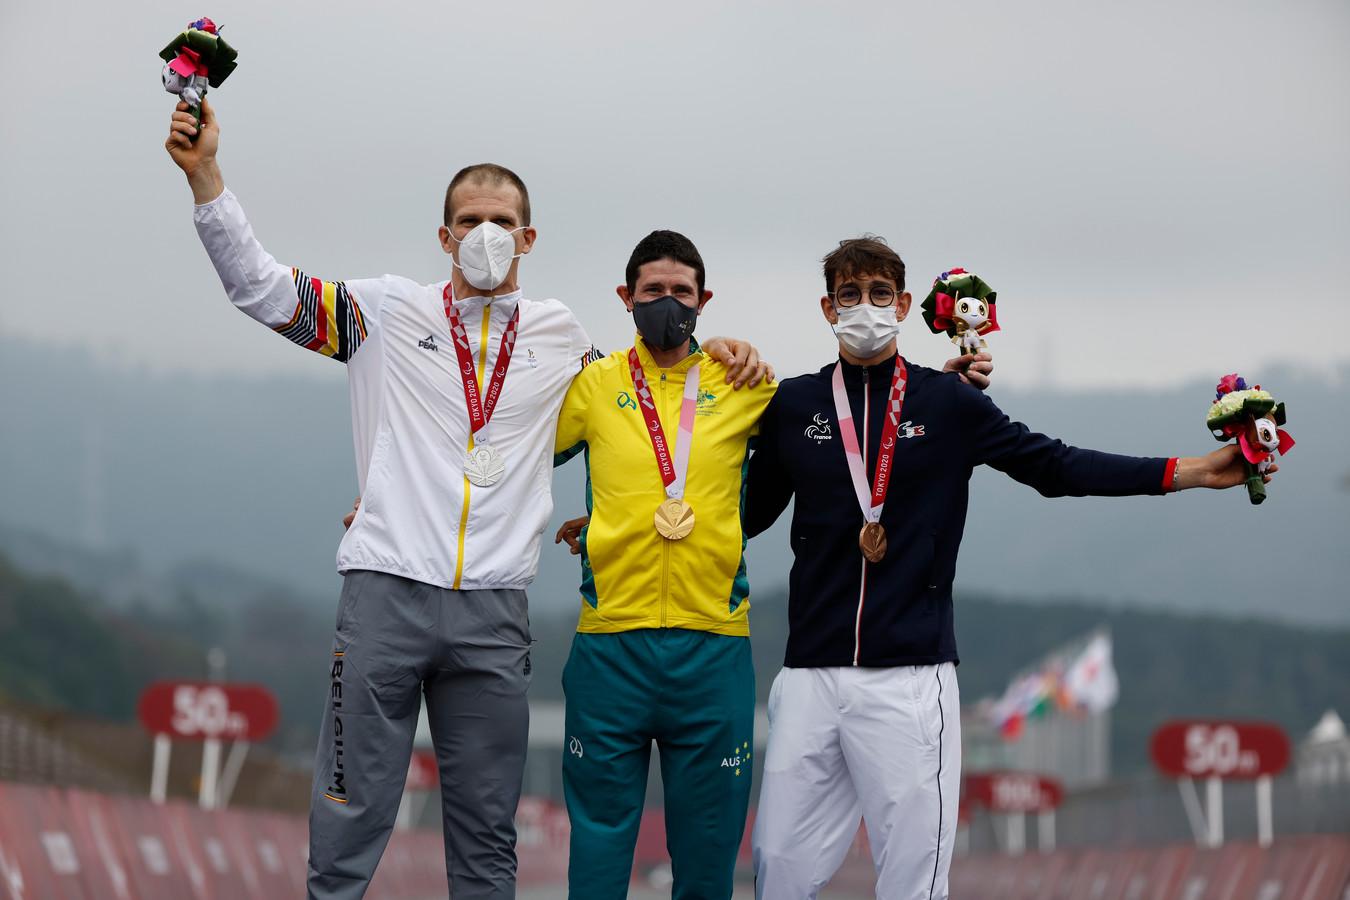 De medailleceremonie, met Vromant links in beeld.